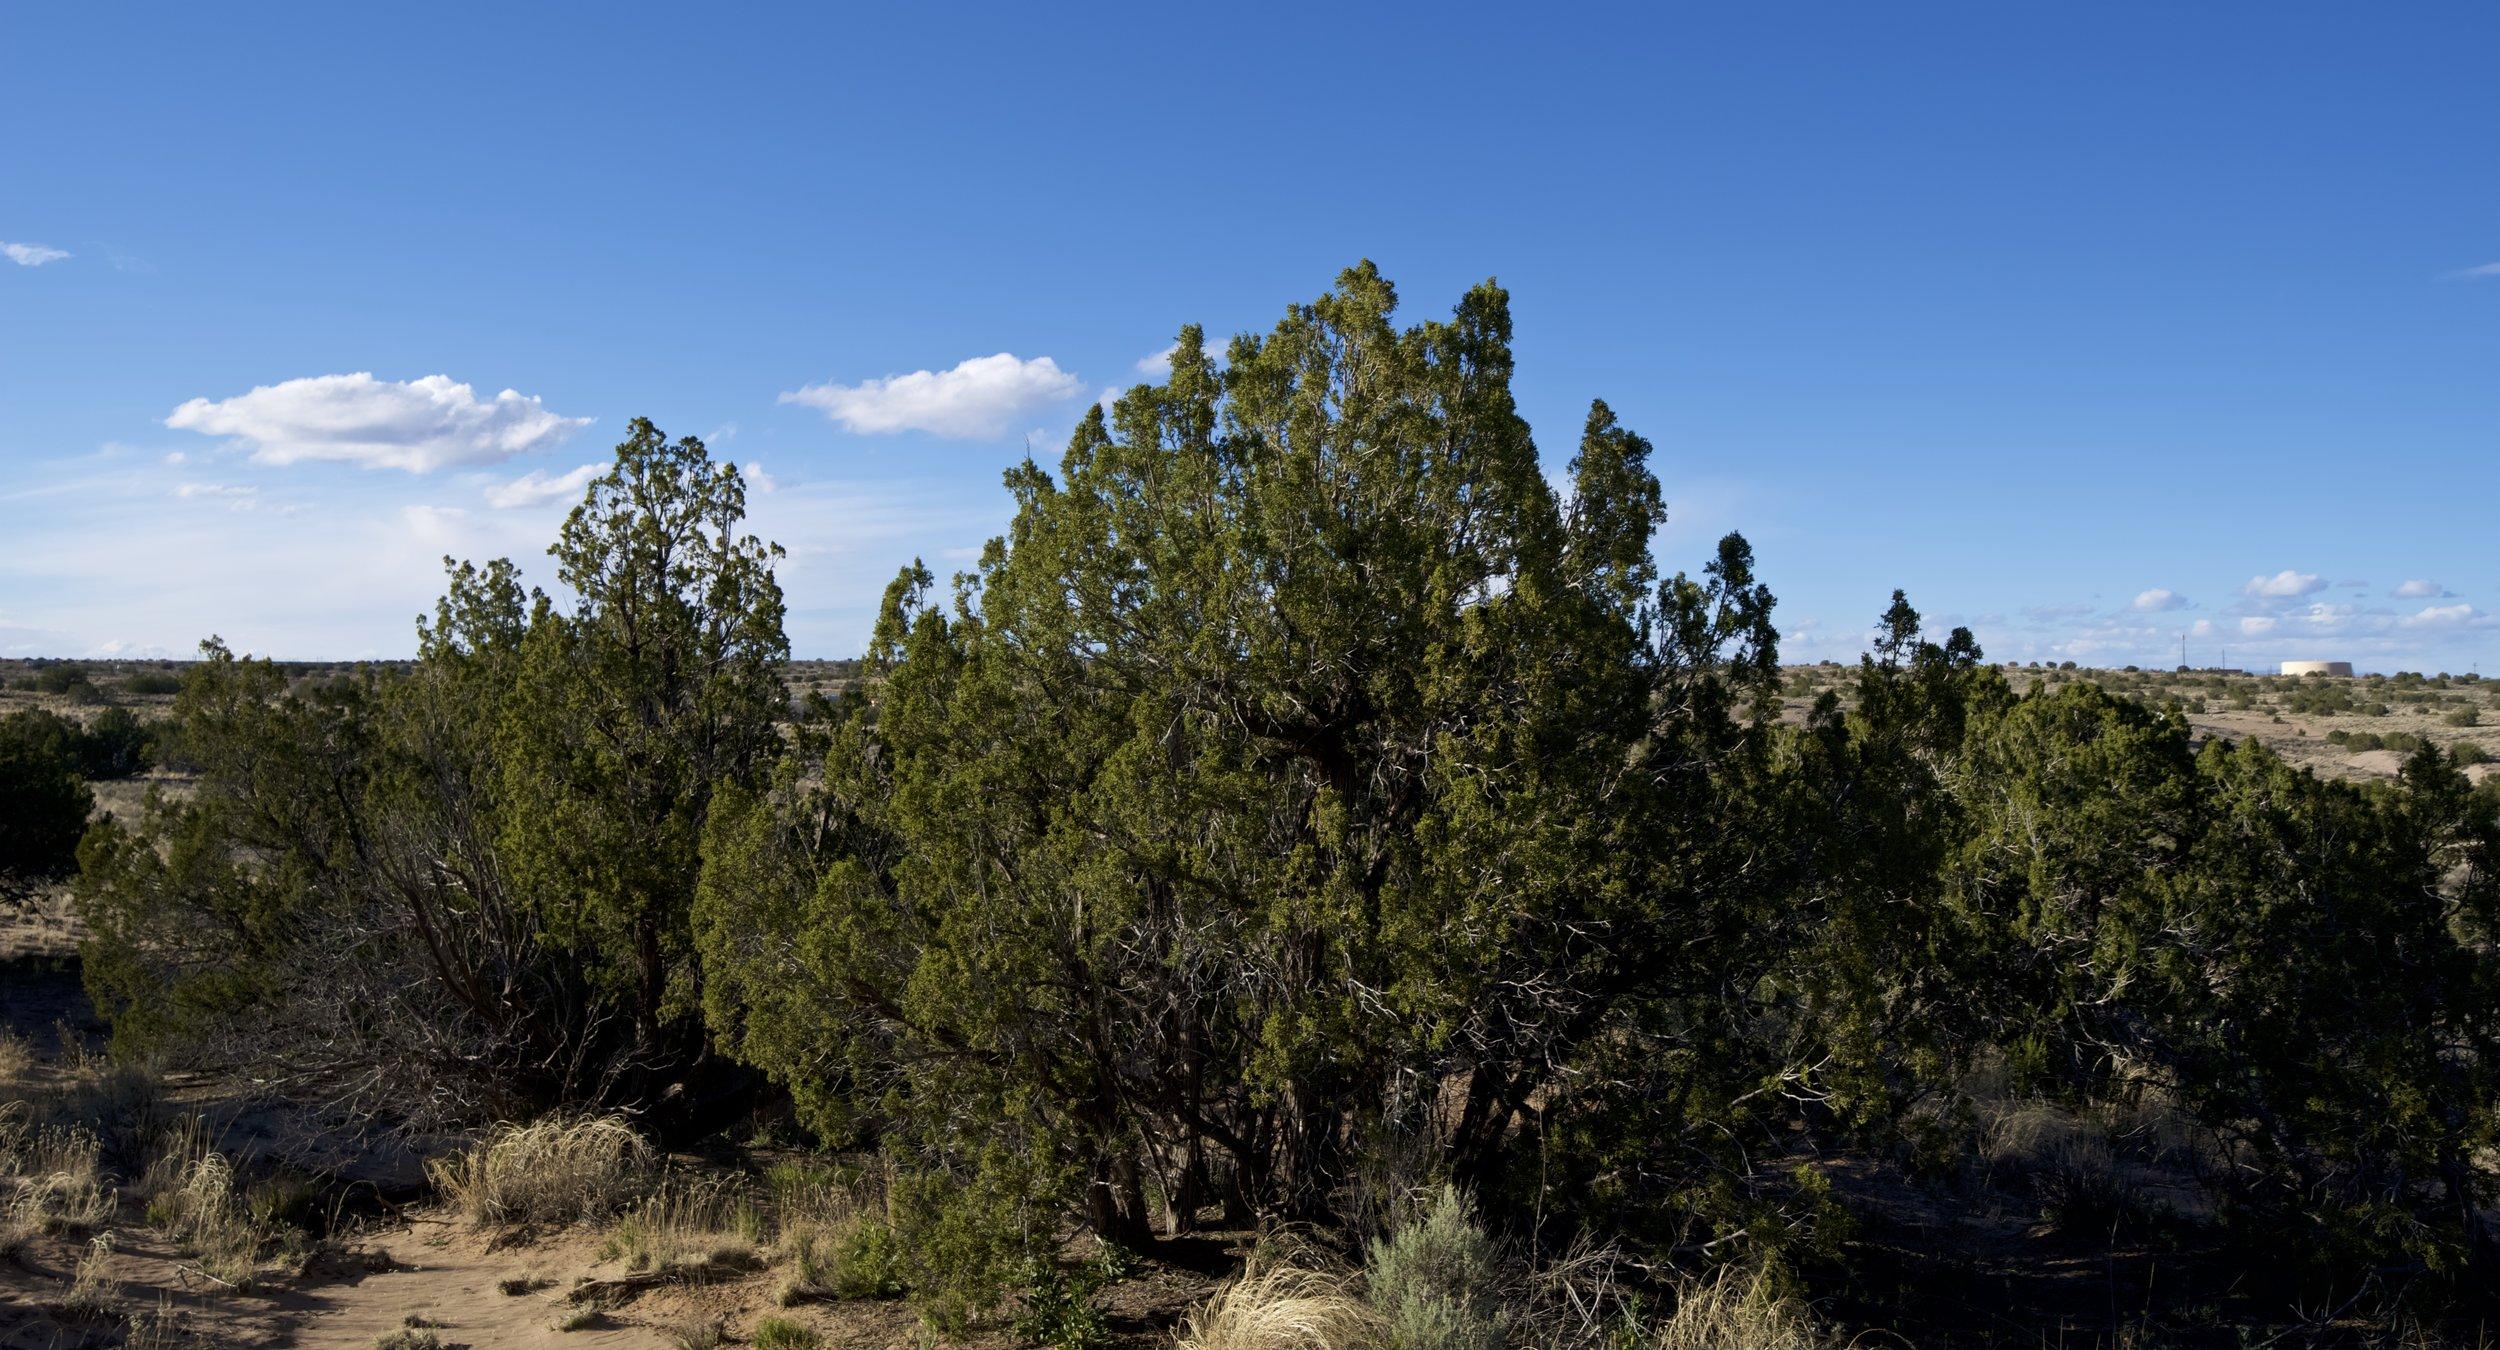 SNNM-2231-rio-rancho-125681.jpg